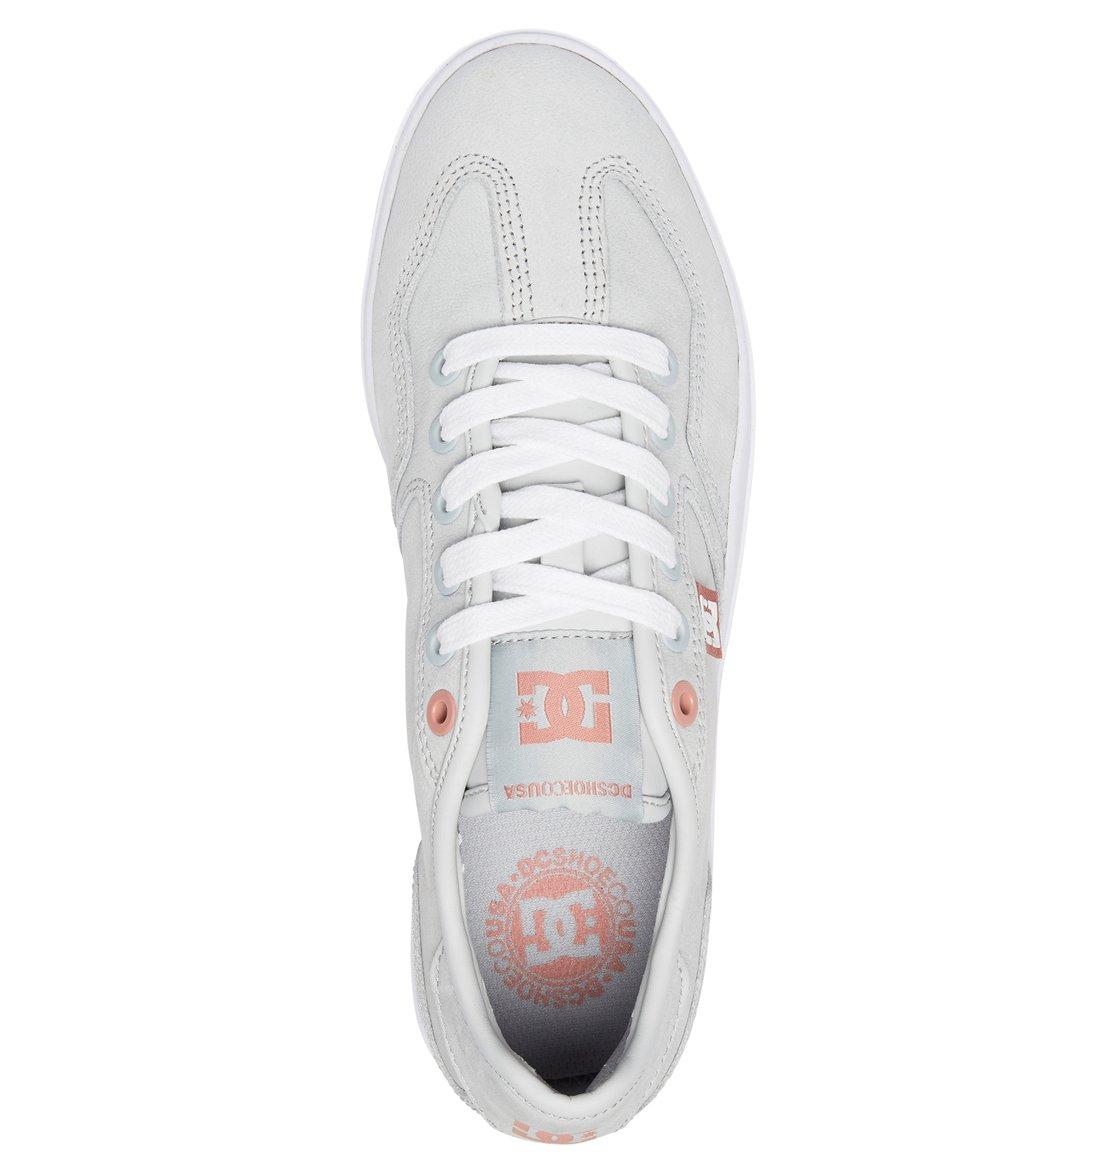 DC-Shoes-Vestrey-LE-Leather-Shoes-for-Women-Lederschuhe-Frauen